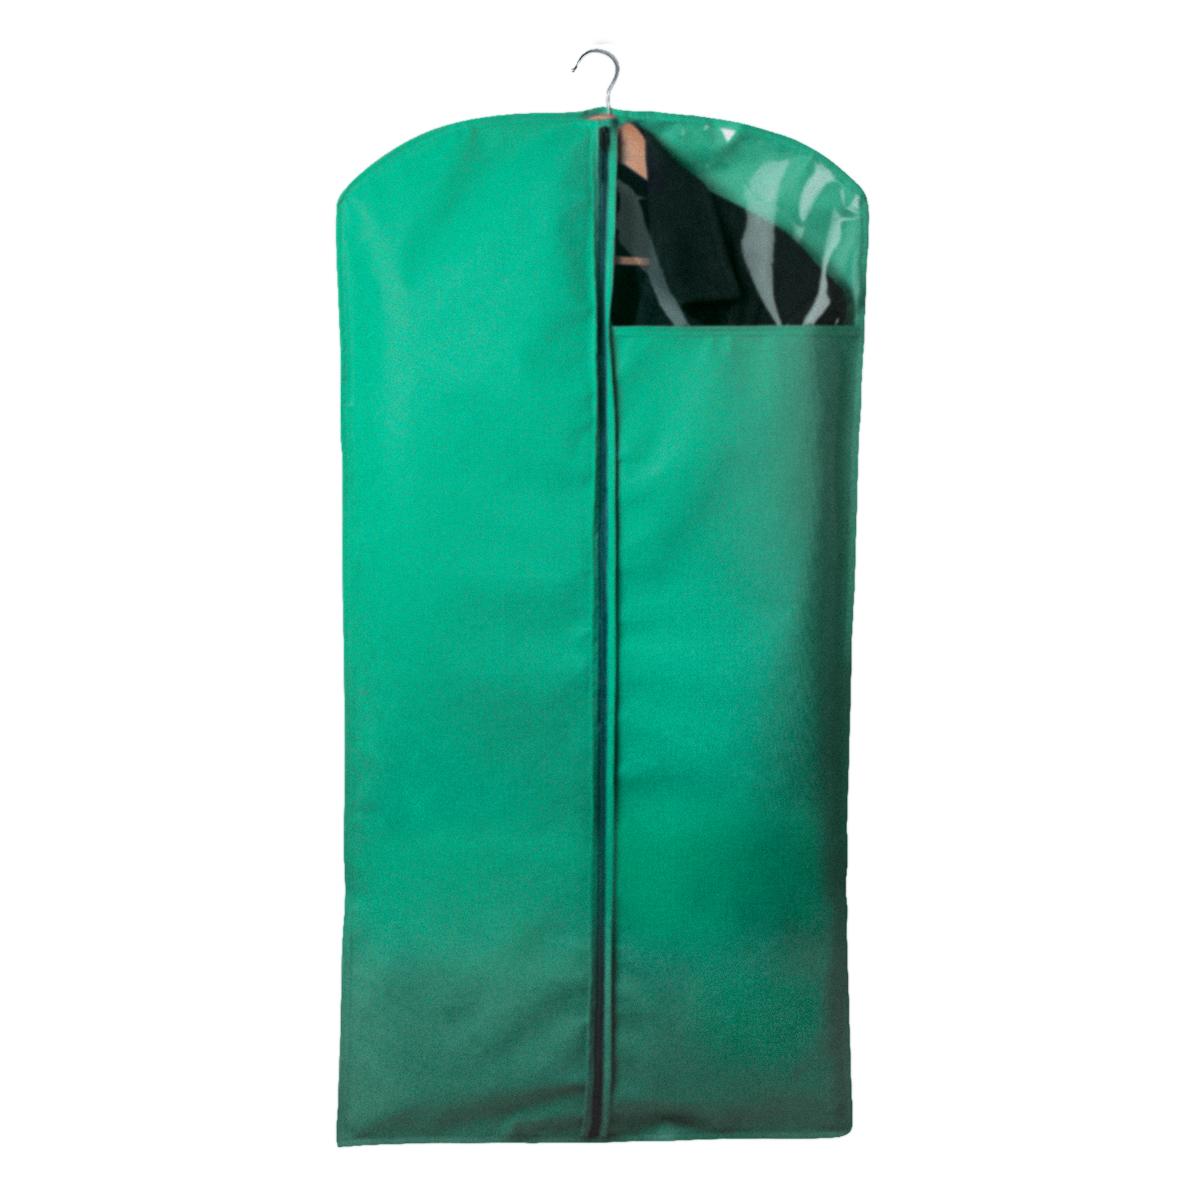 Чехол для одежды Miolla, с окошком, цвет: зеленый, 120 х 60 смCHL-2-5Чехол для костюмов и платьев Miolla на застежке-молнии выполнен из высококачественного нетканого материала. Прозрачное полиэтиленовое окошко позволяет видеть содержимое чехла. Подходит для длительного хранения вещей.Чехол обеспечивает вашей одежде надежную защиту от влажности, повреждений и грязи при транспортировке, от запыления при хранении и проникновения моли. Чехол обладает водоотталкивающими свойствами, а также позволяет воздуху свободно поступать внутрь вещей, обеспечивая их кондиционирование. Размер чехла: 120 х 60 см.